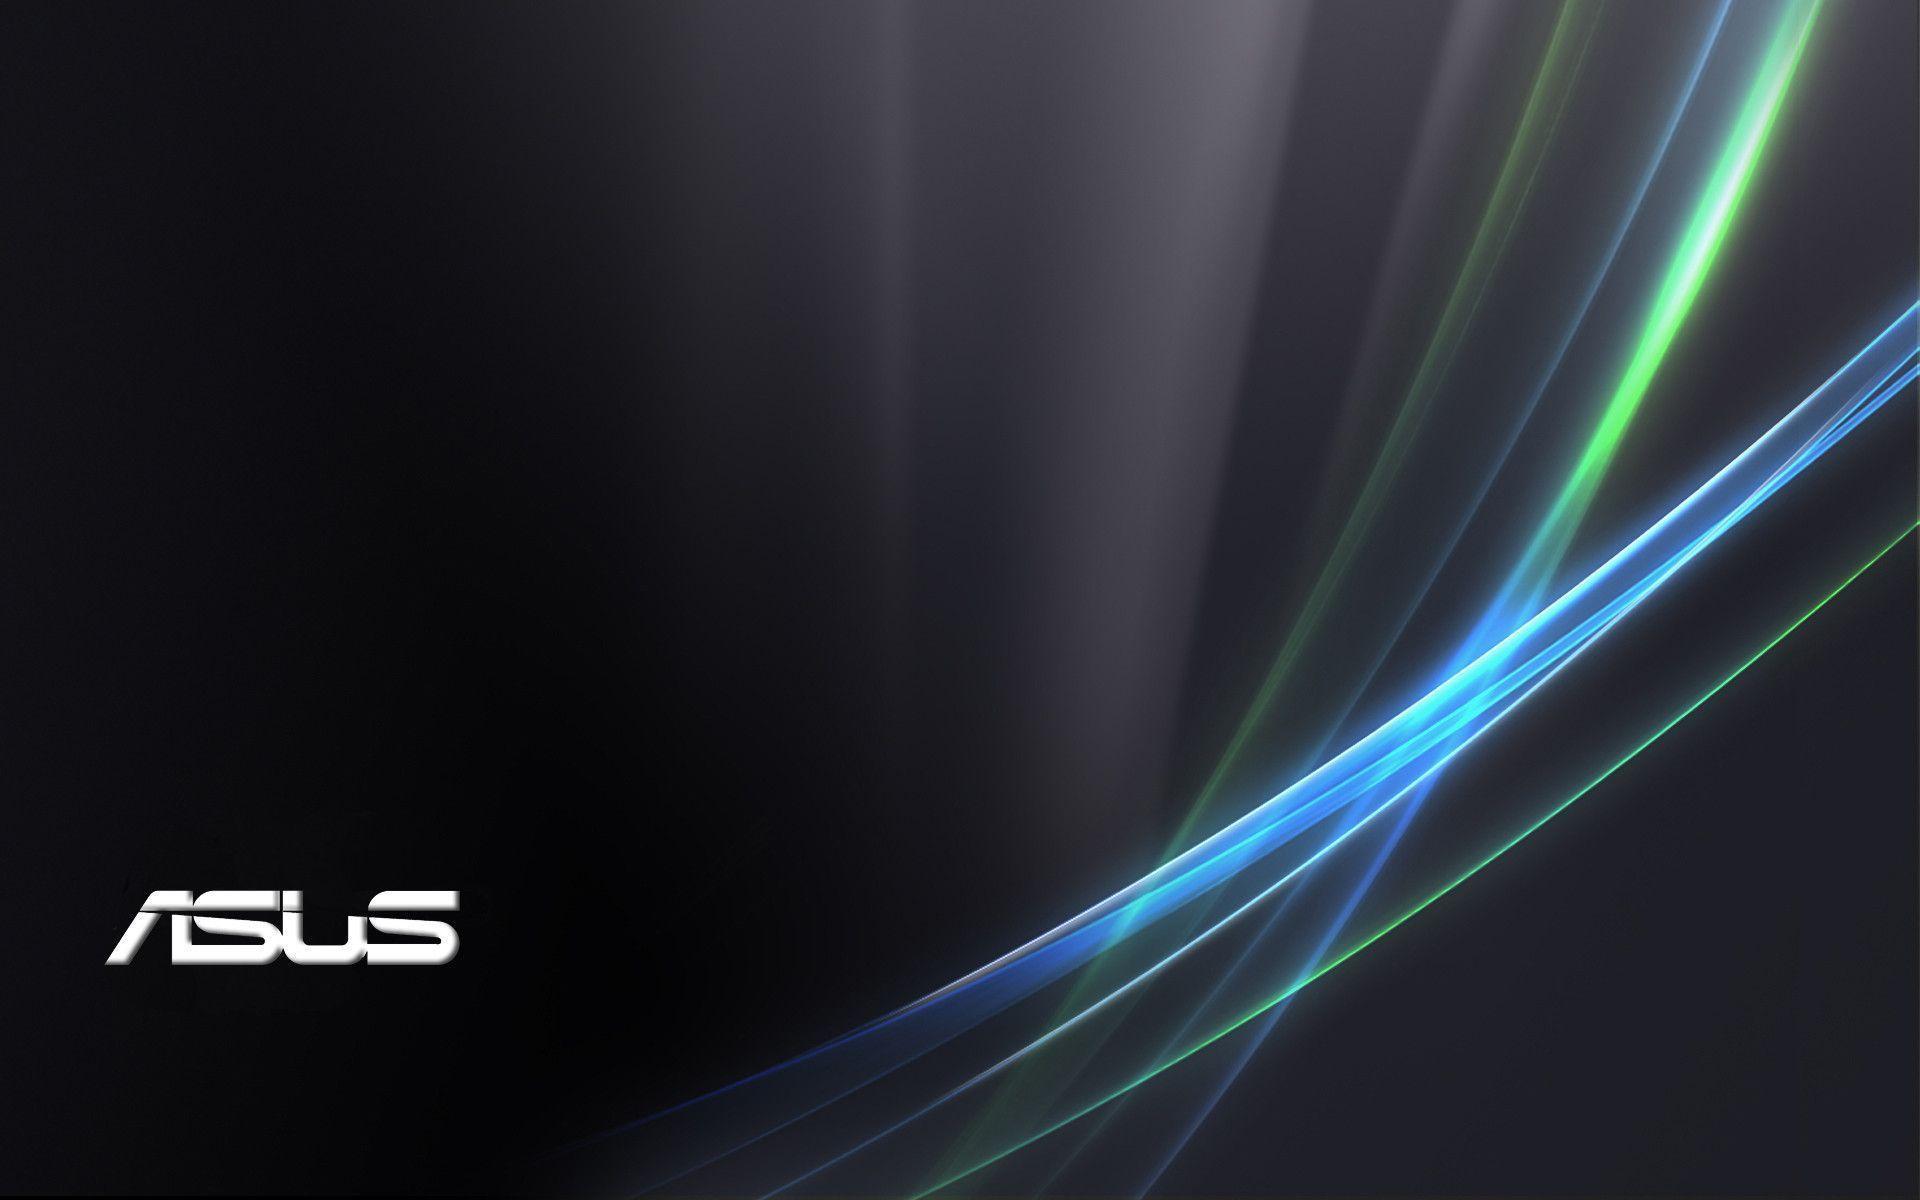 Asus Wallpaper Hd: Asus HD Wallpapers